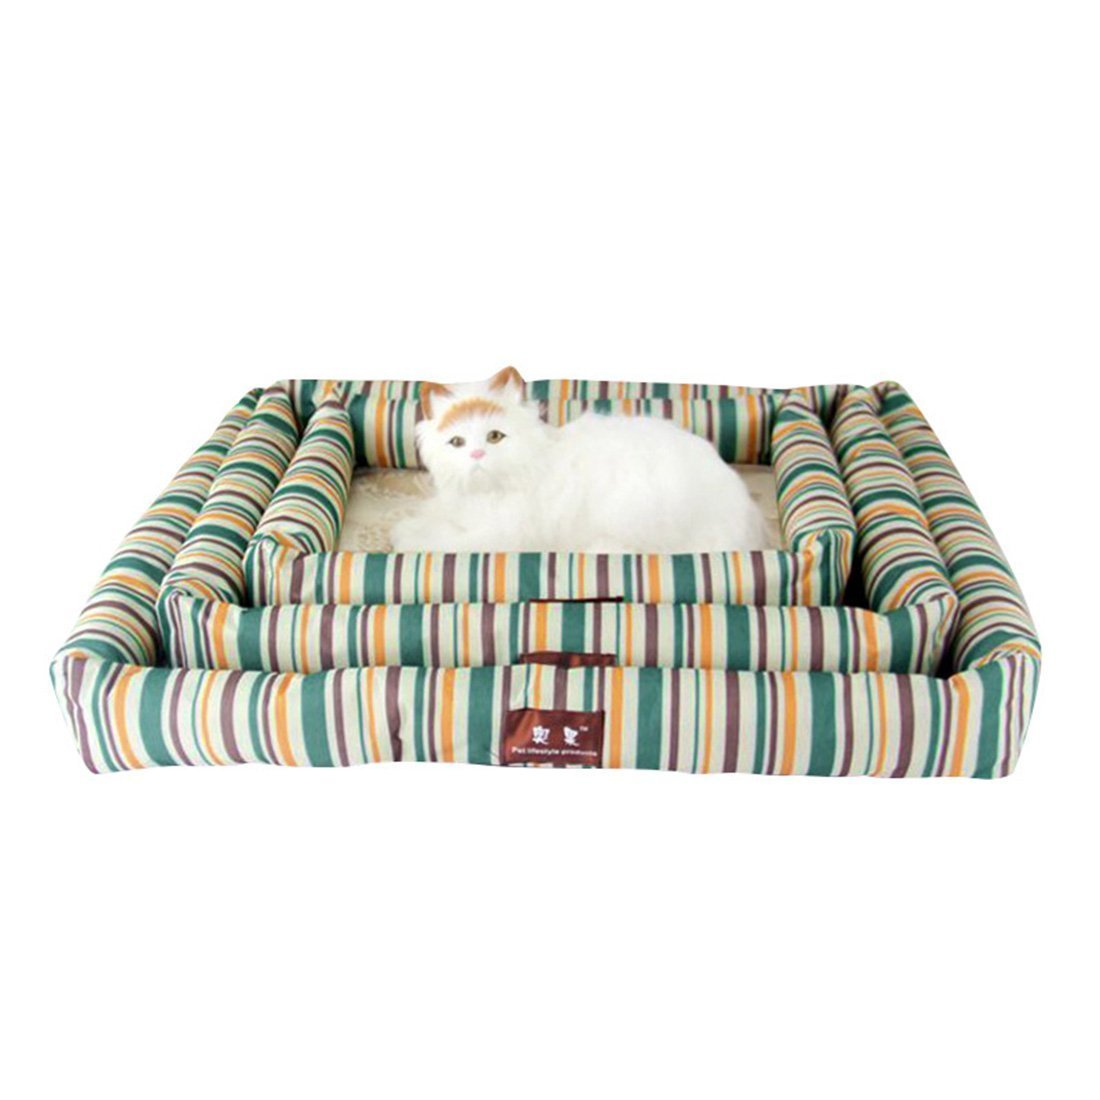 Huihuger Pet Blanket Letto per Cani Estivo Estivo Estivo Pet Cooling Sleeping Mat Letto per Gatti Cuscino verde e Giallo XL a34719